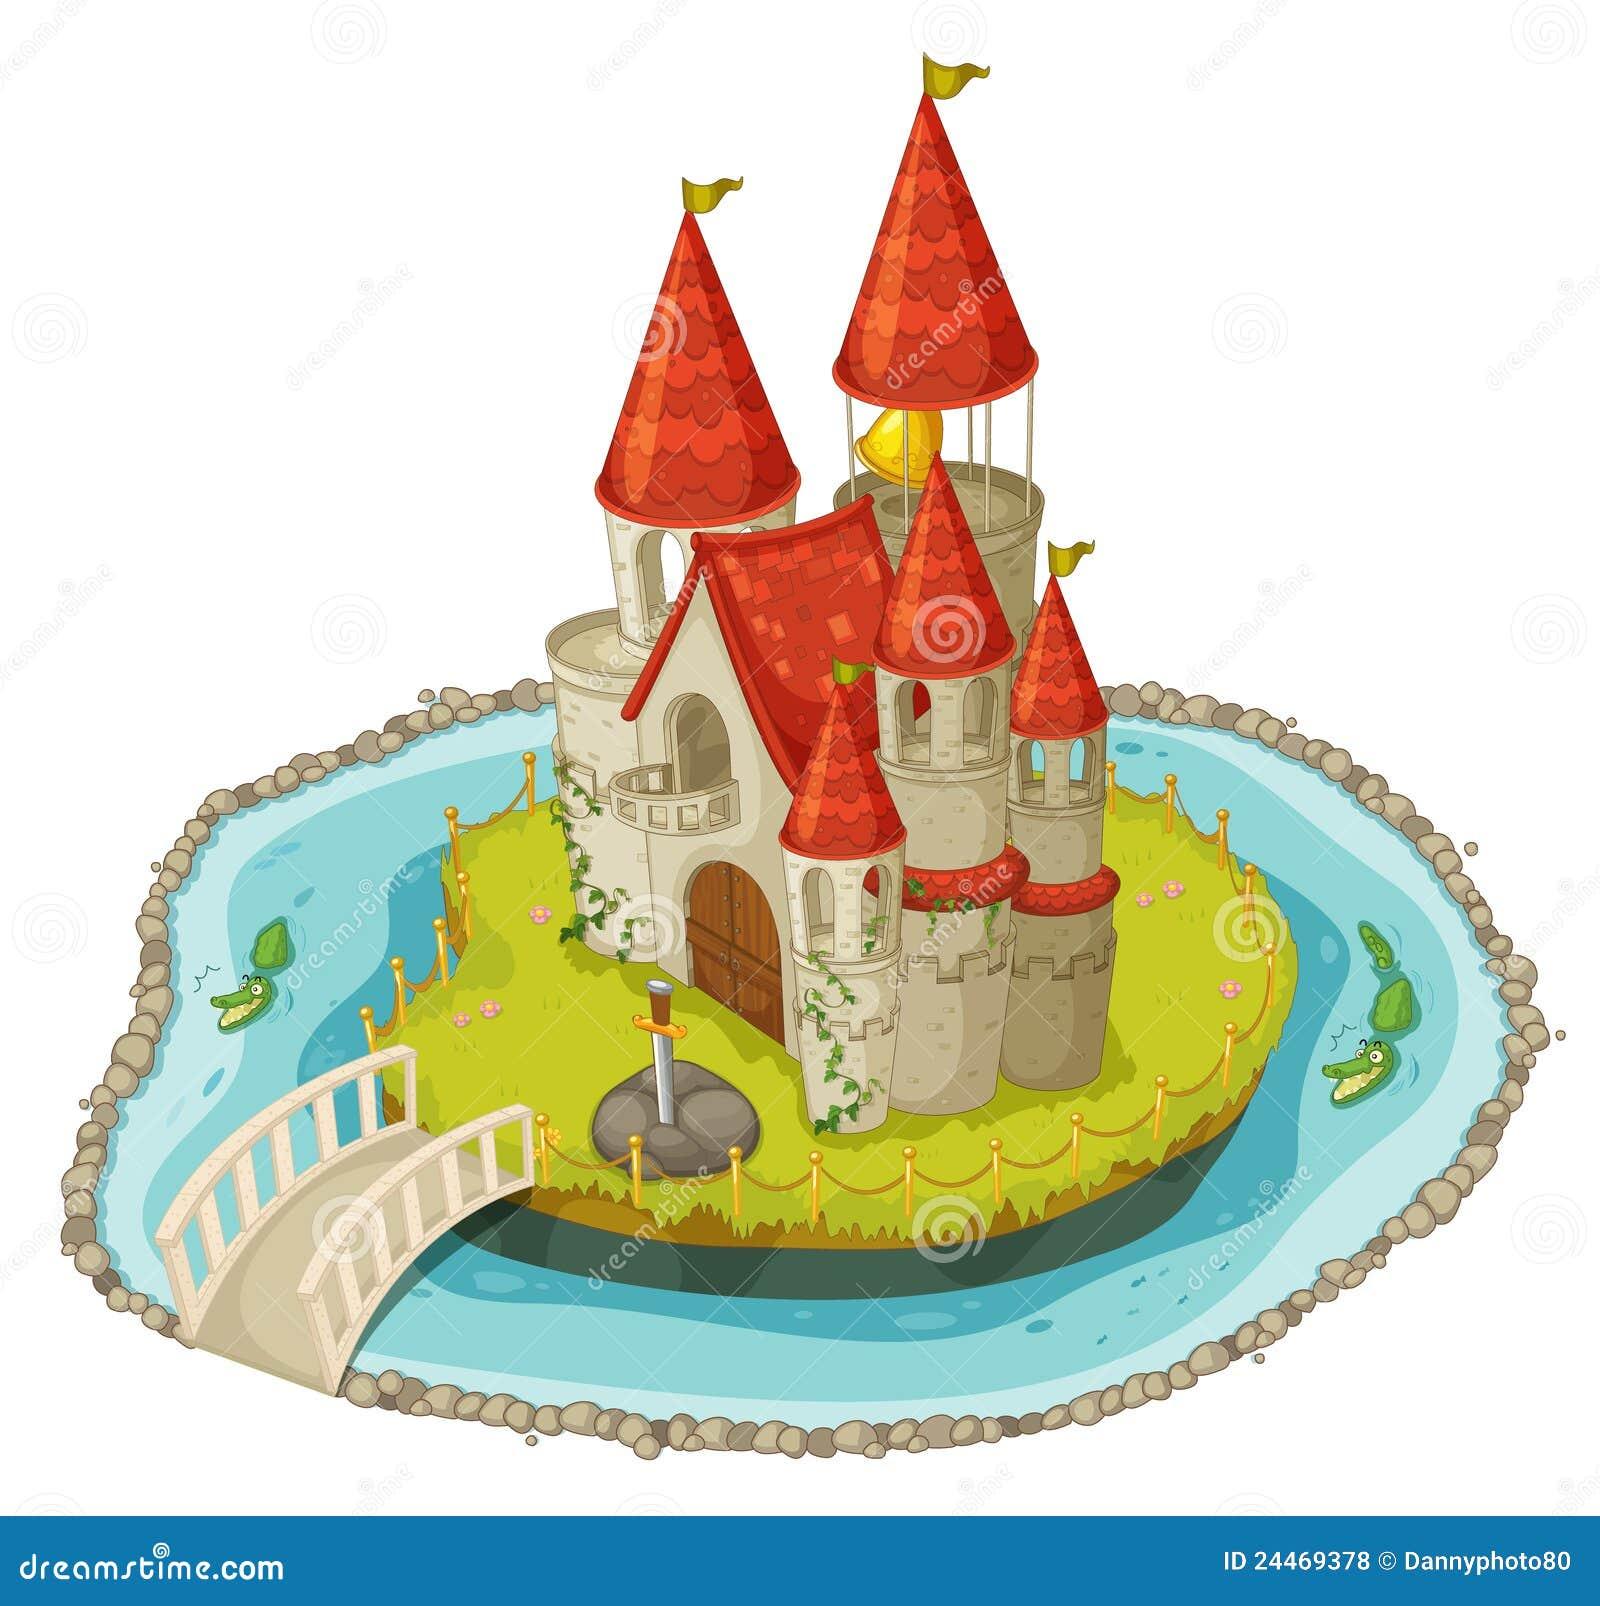 Ch teau de dessin anim photos libres de droits image - Dessin d un chateau ...